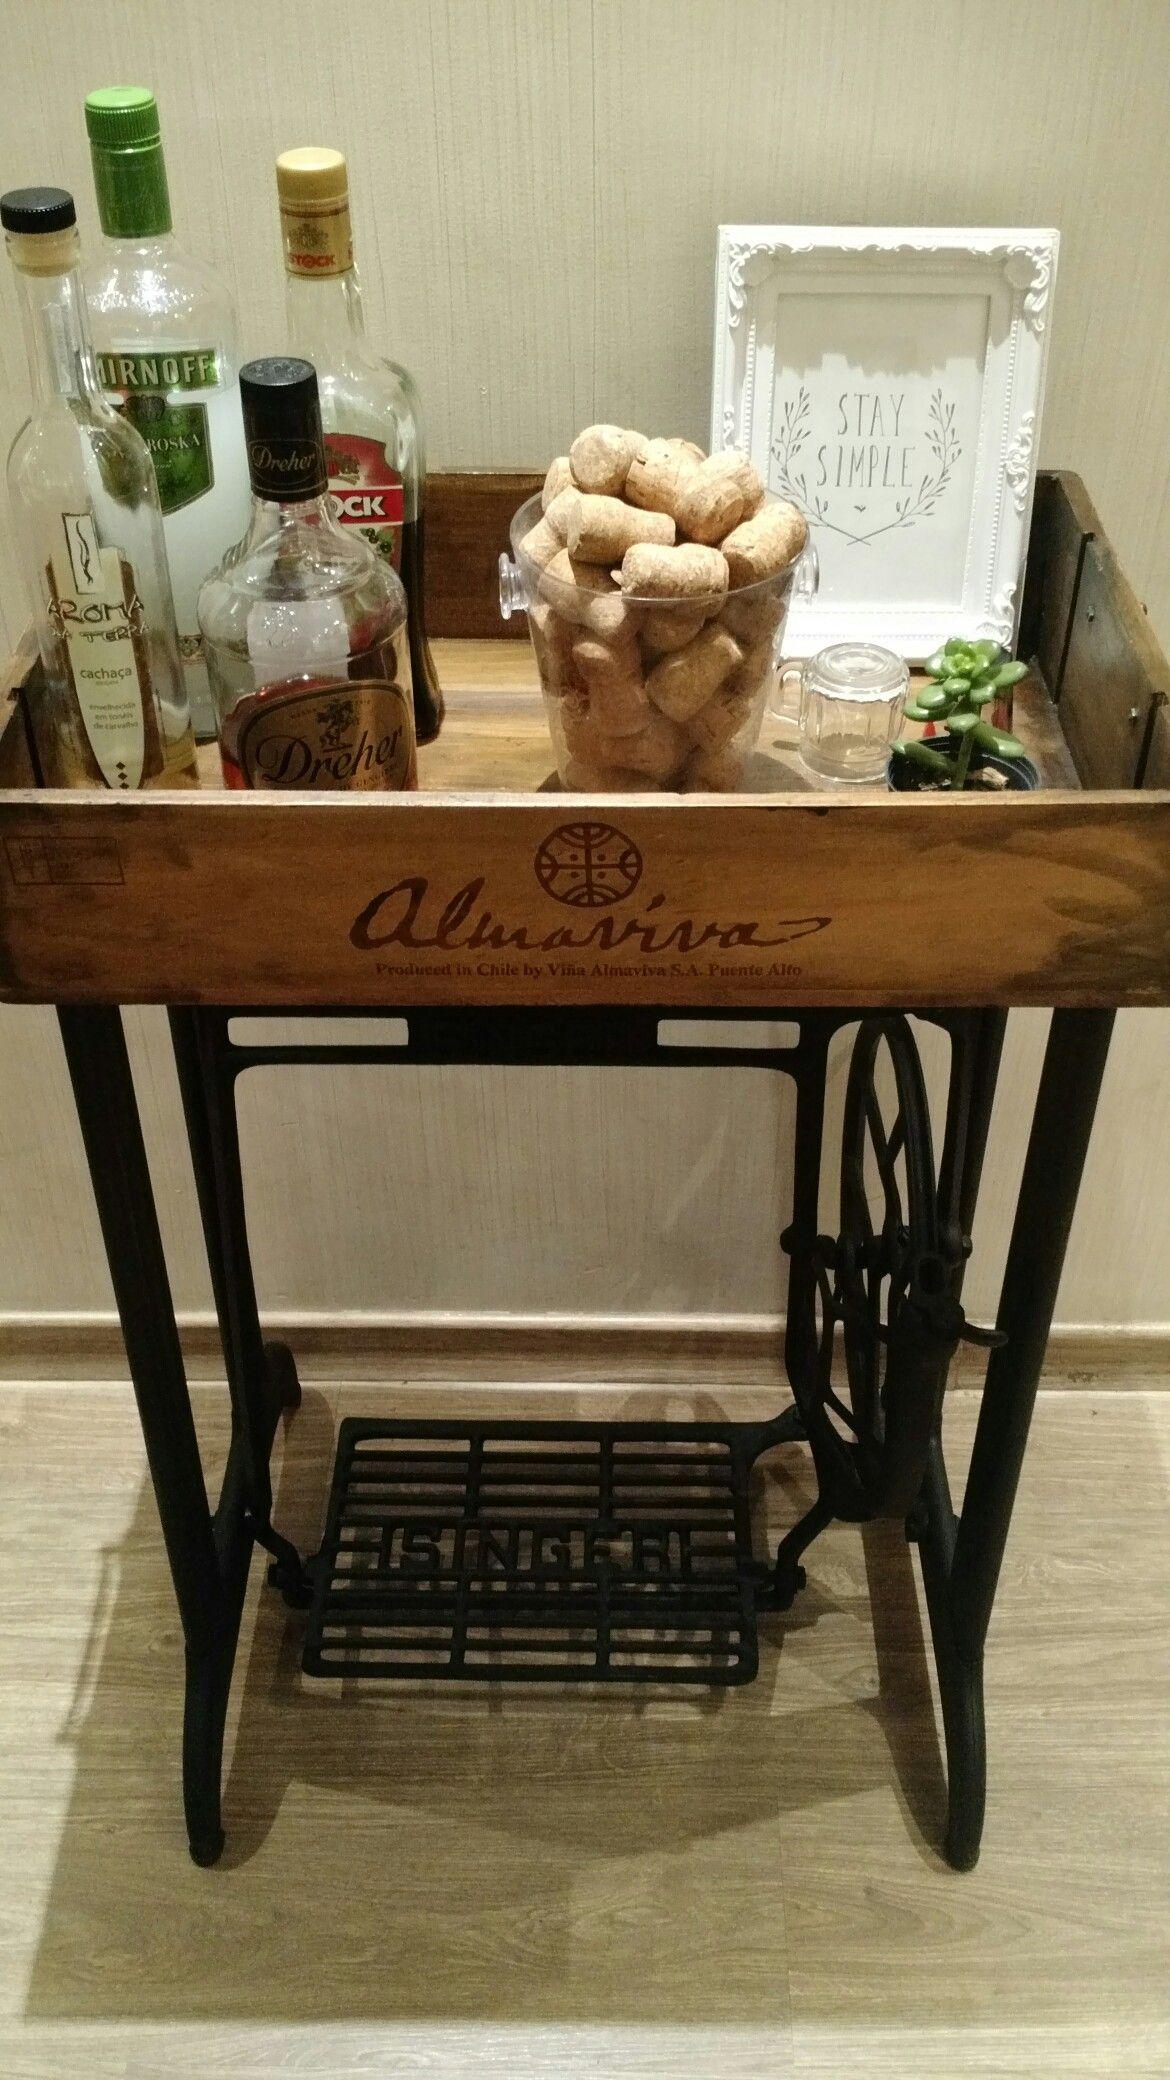 Pe De Maquina De Costura Caixa De Vinho Um Lindo Bar